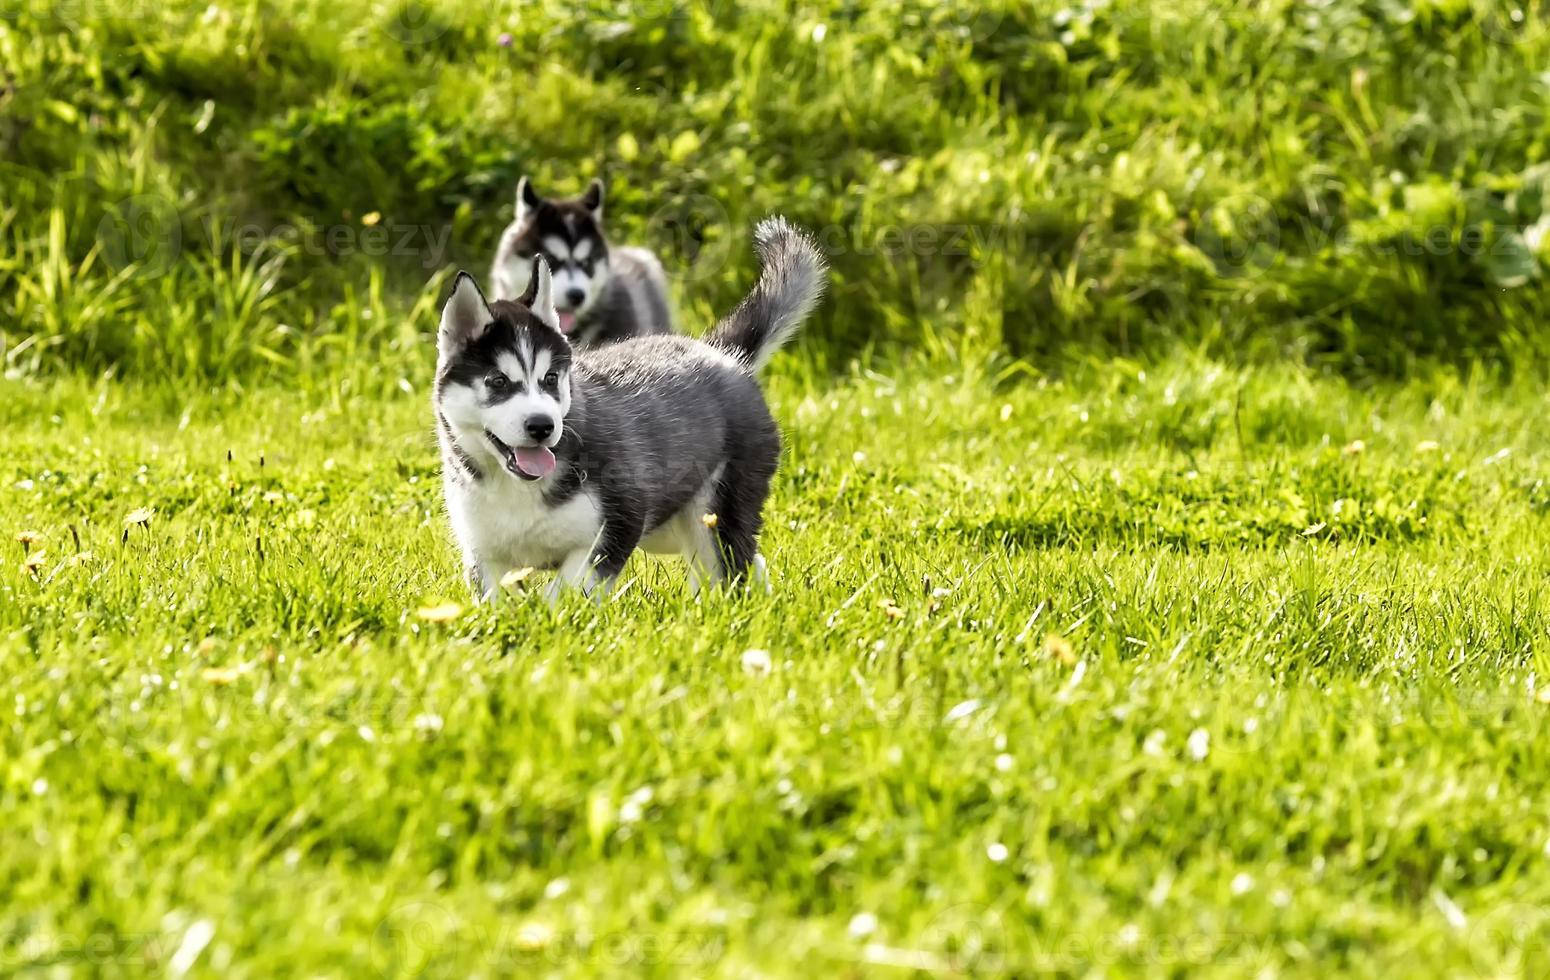 filhote de cachorro husky dois jogando no Prado foto